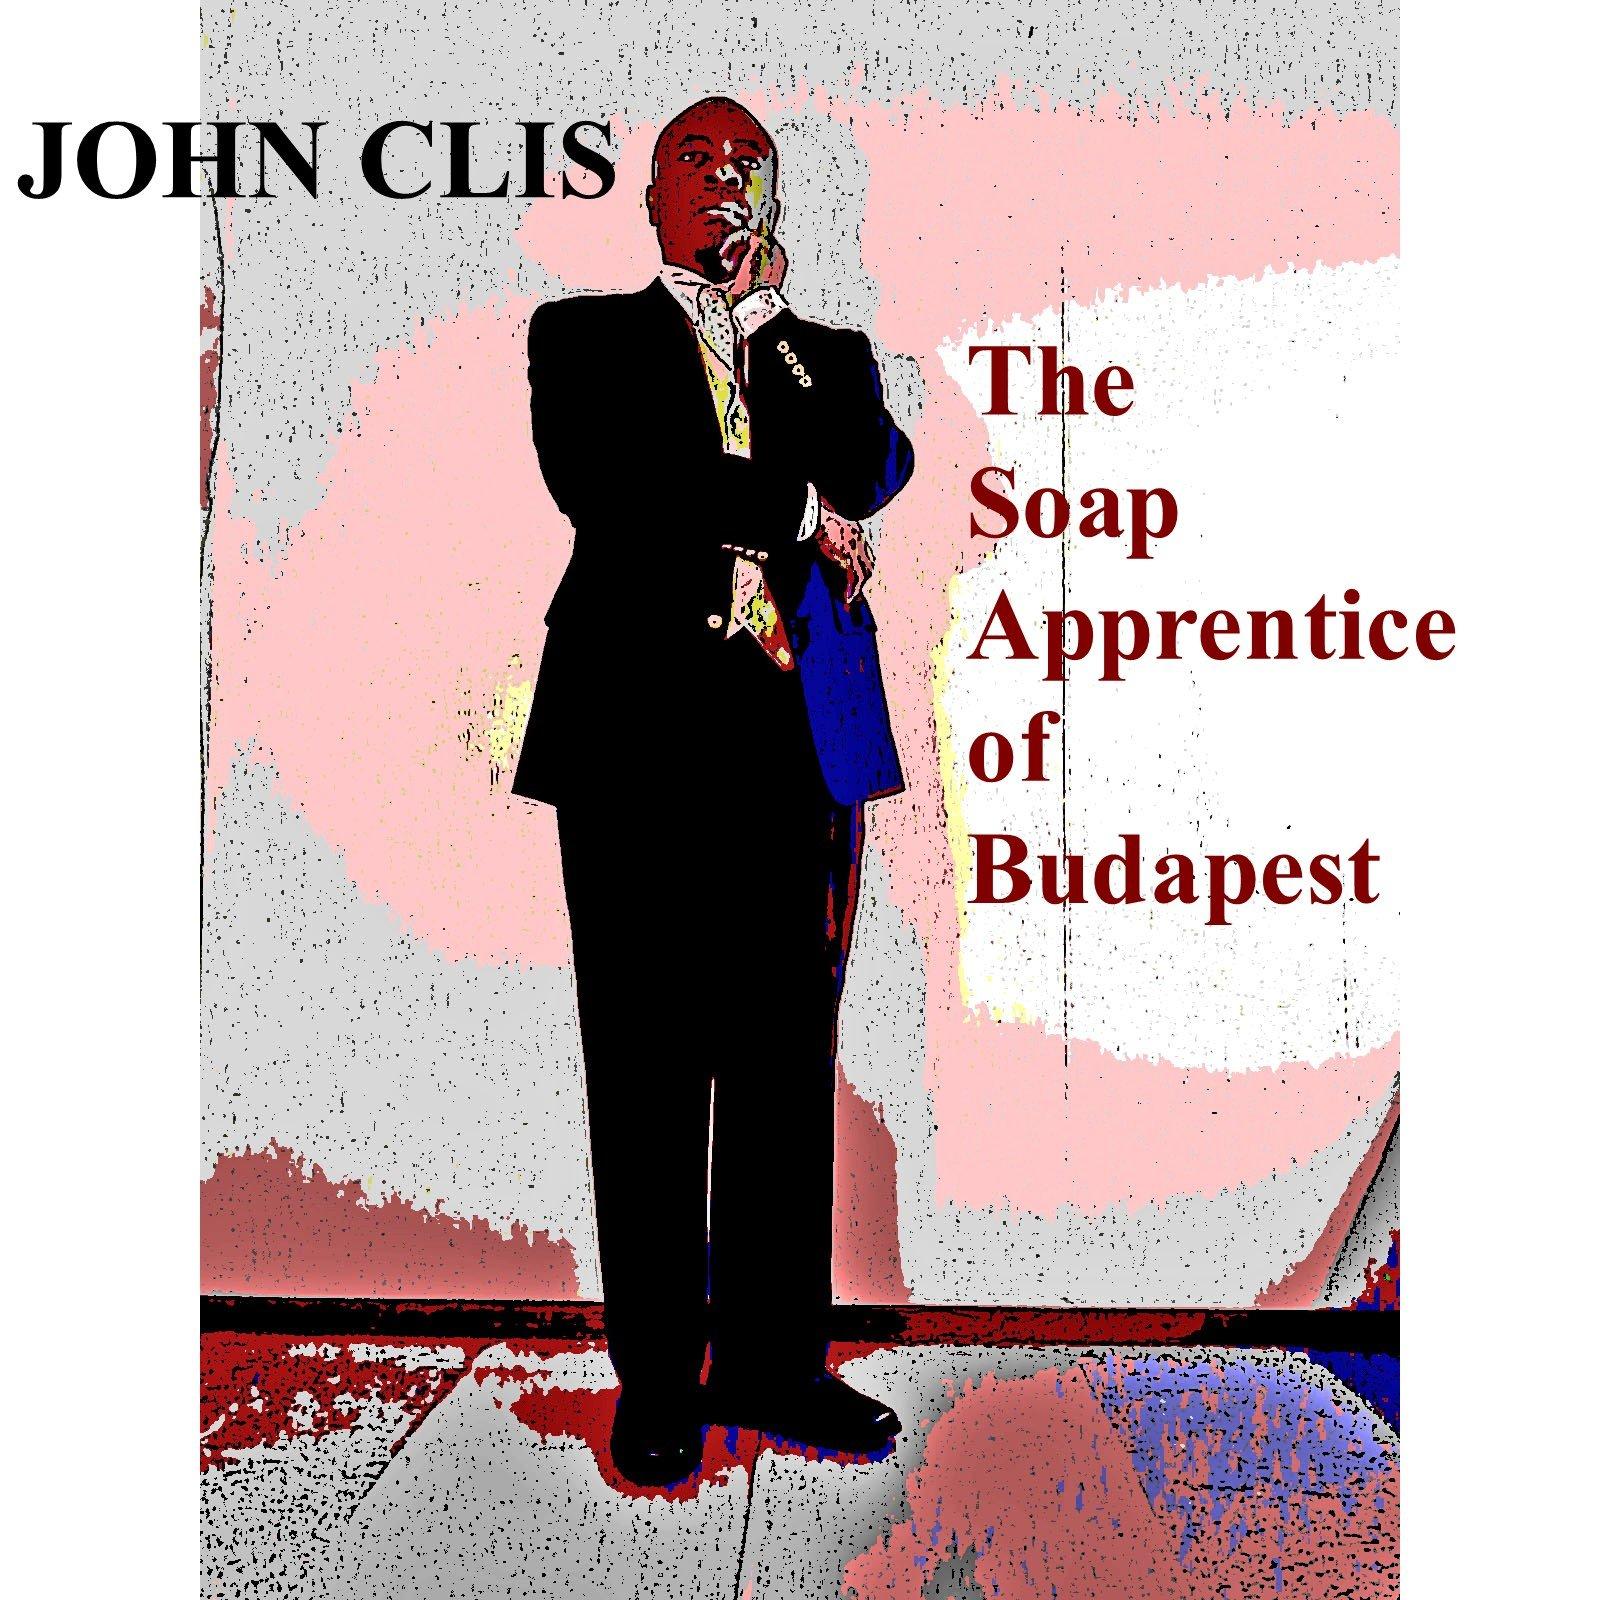 https://0201.nccdn.net/1_2/000/000/0e8/29b/John-Clis---The-Soap-Apprentice-of-Budapest---Pic-1.jpg